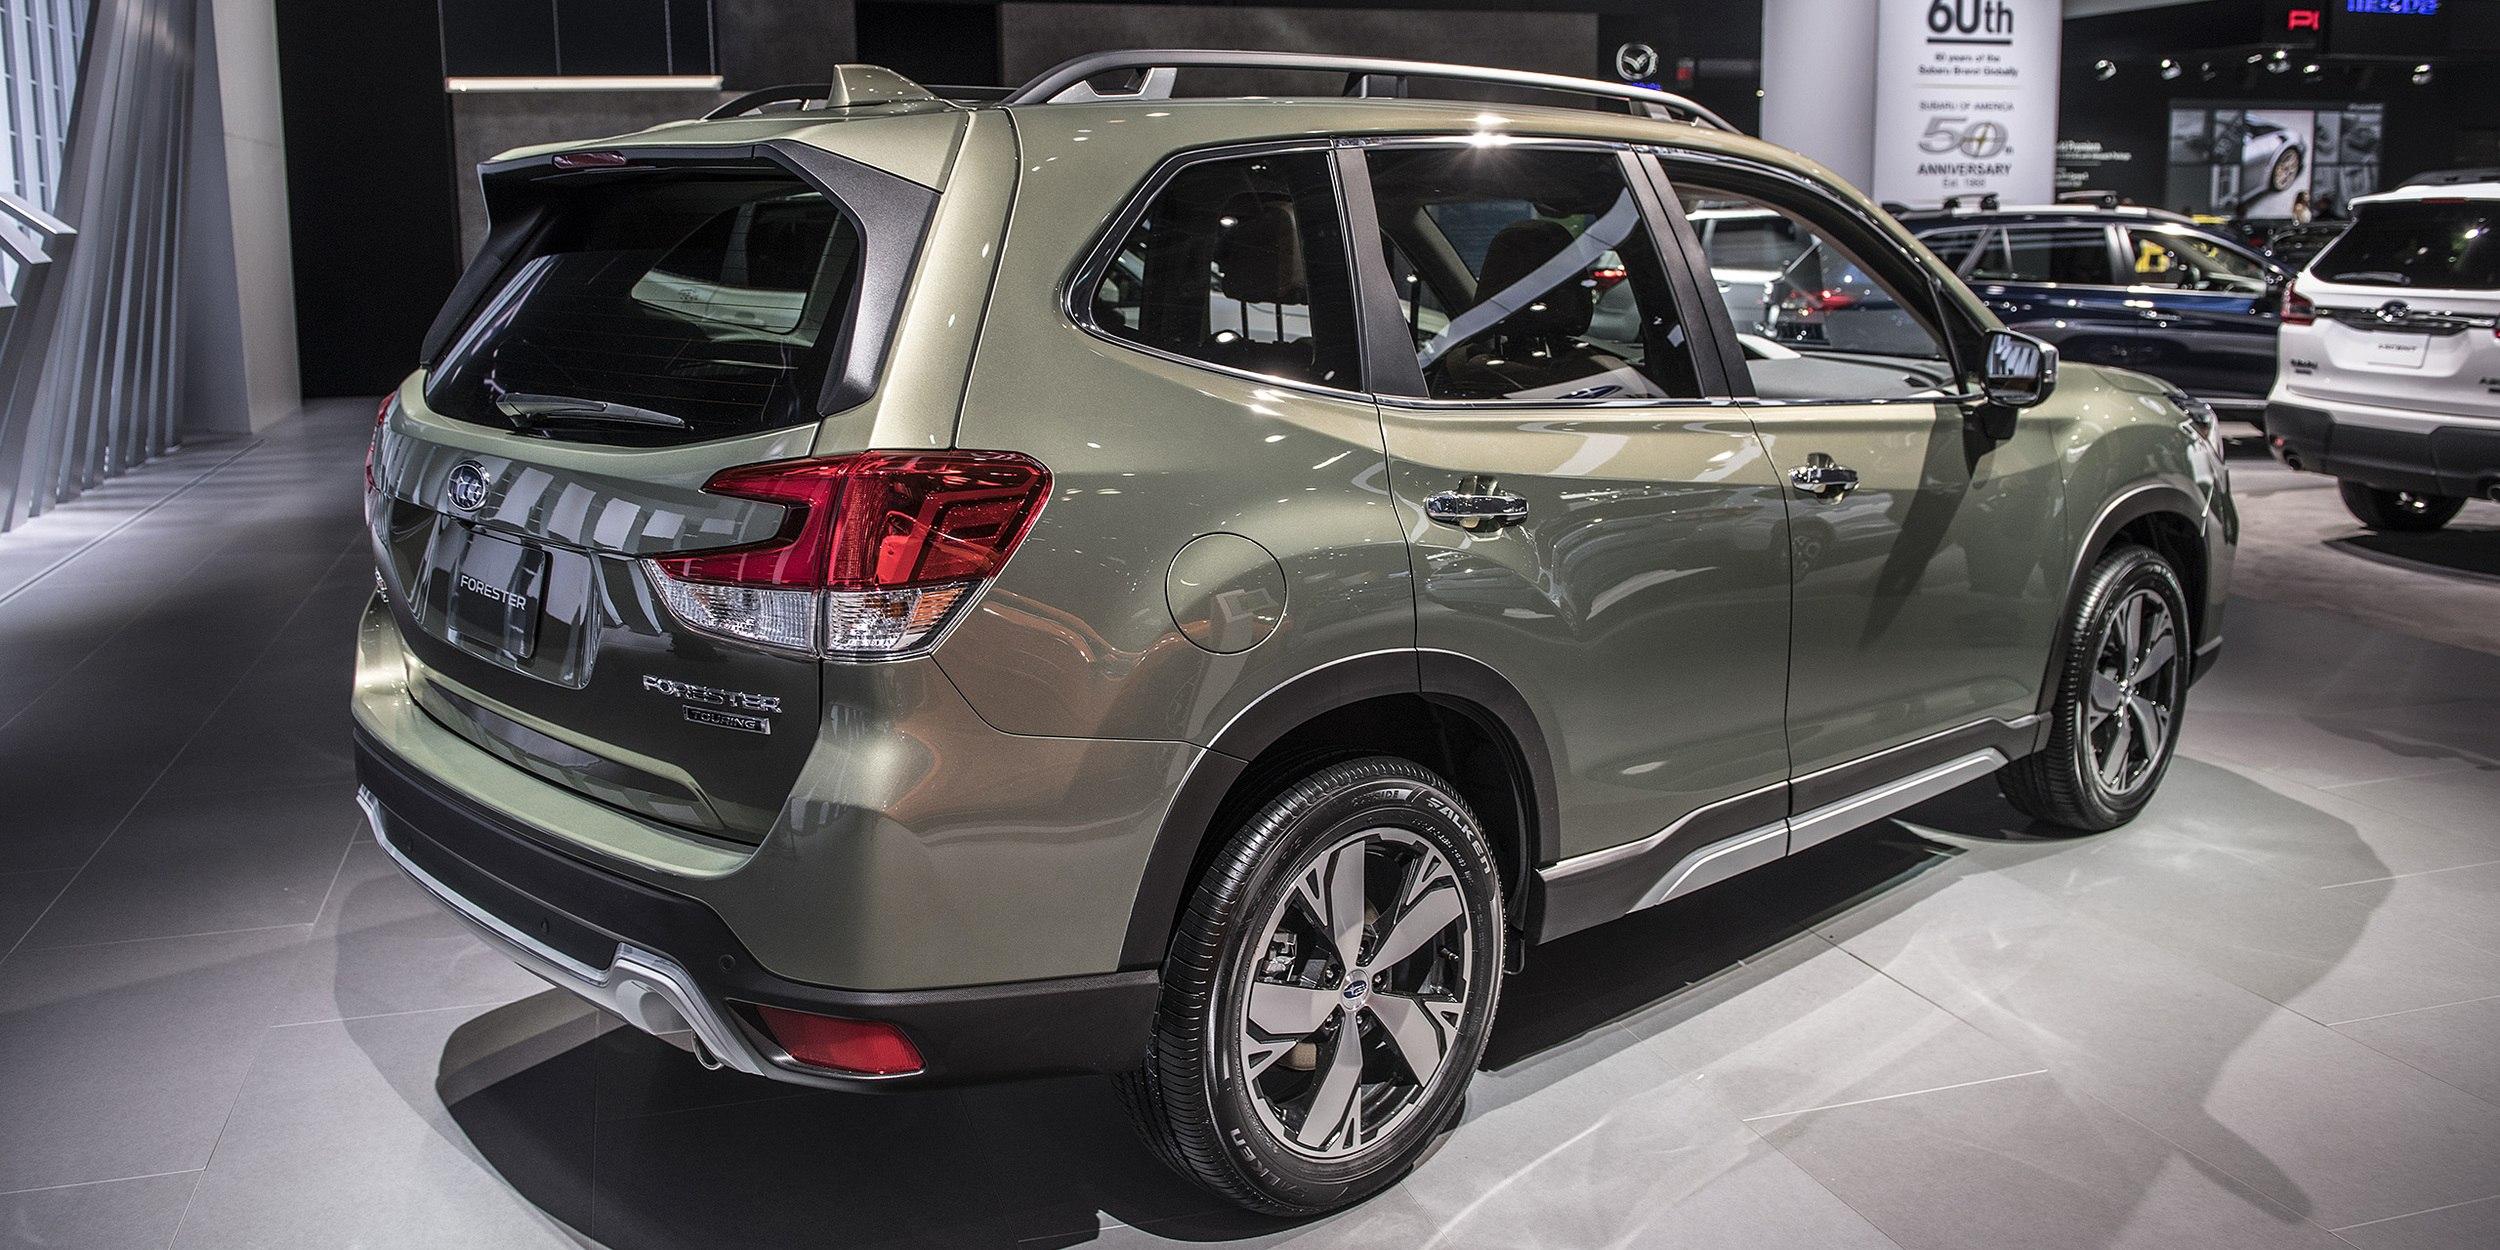 Subaru forester 2019 года - КалендарьГода в 2019 году